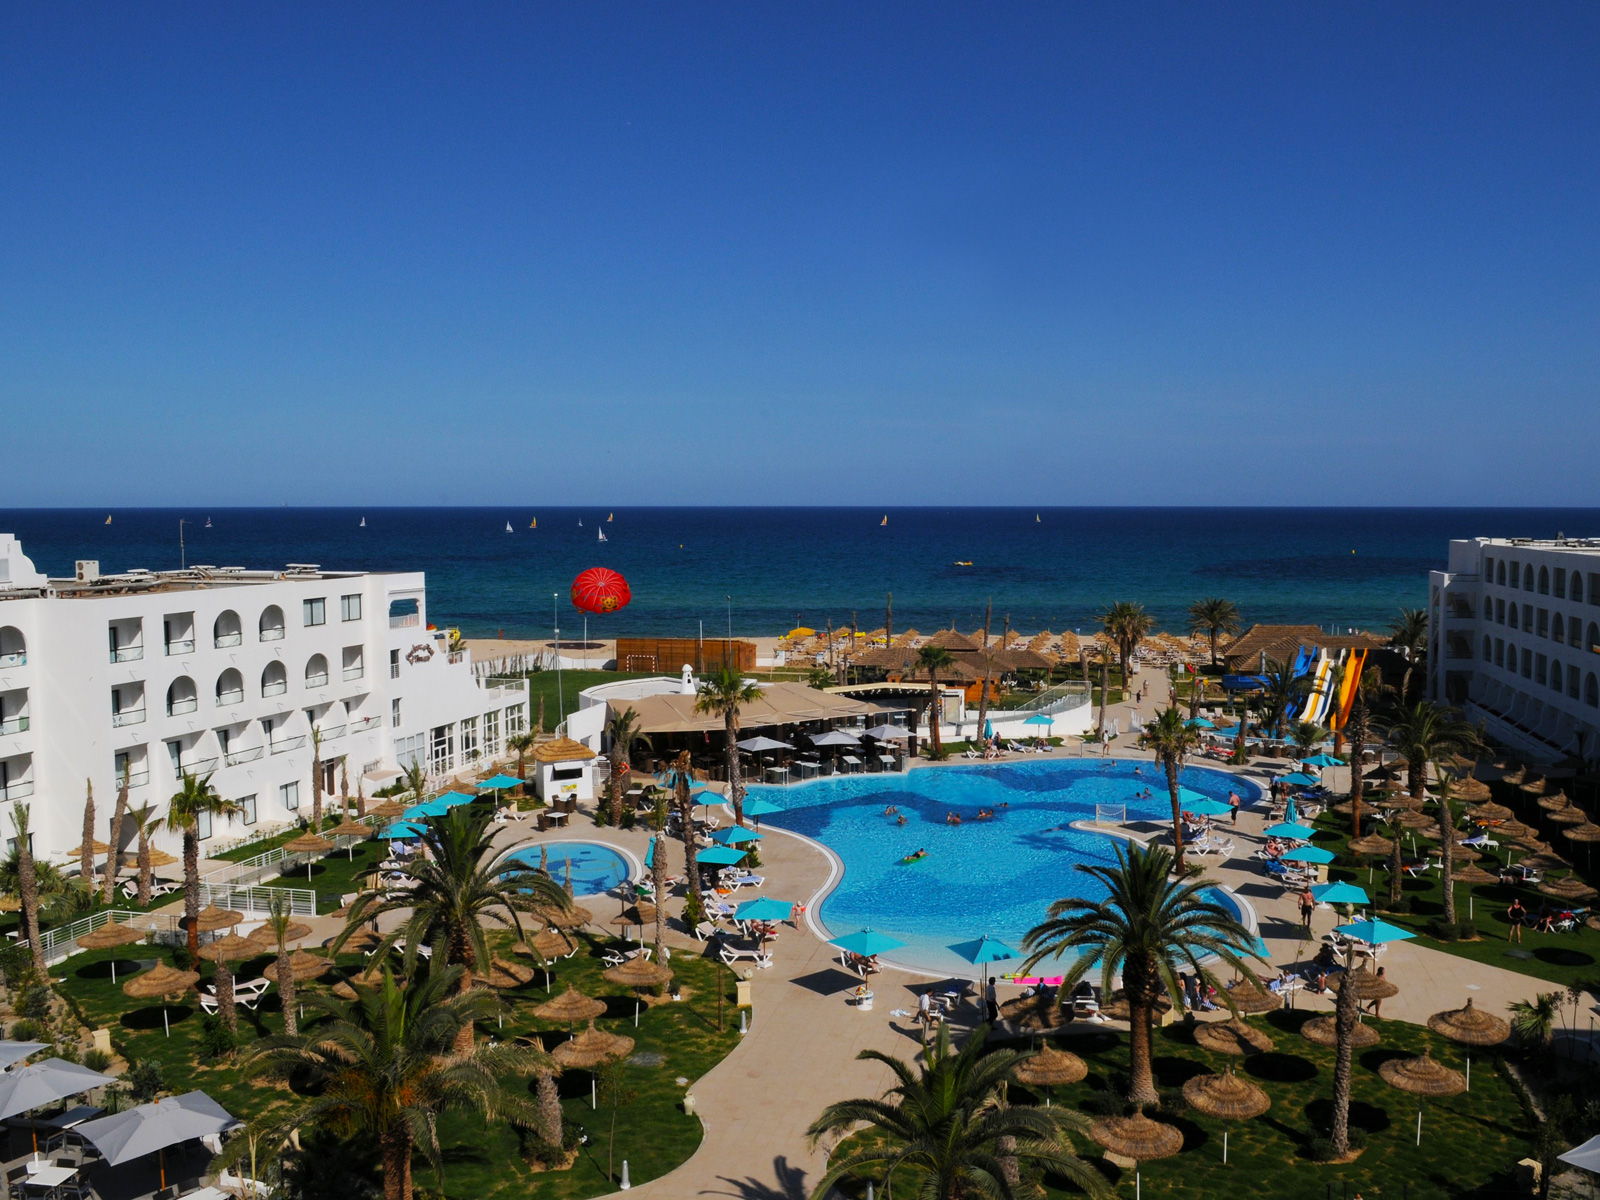 Hôtel Panoramic - Hamammet Nozha Beach Hotel